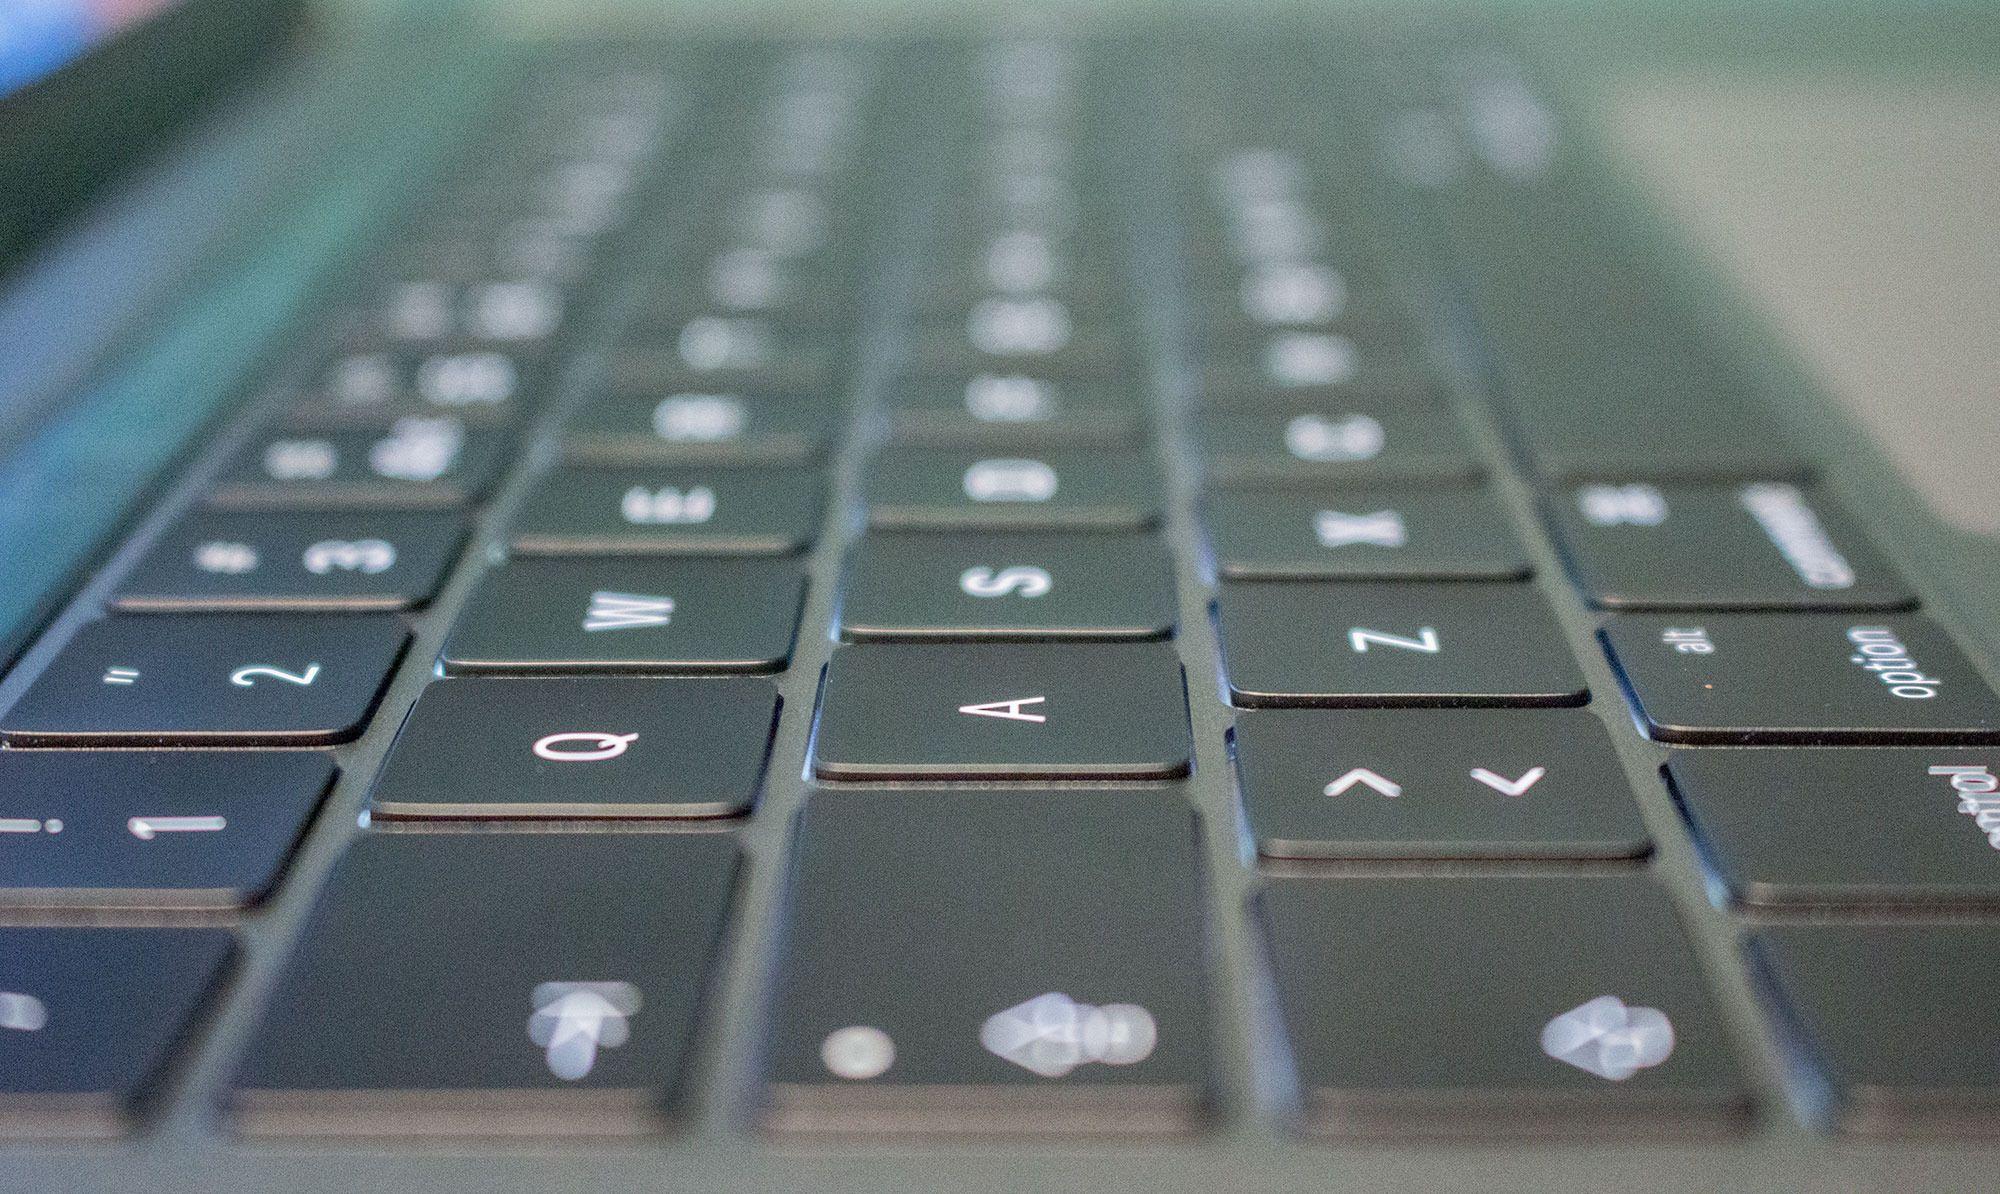 Tastaturet benytter seg av taster med oppdatert sommerfuglmekanisme. Disse er langt flatere enn forrige MacBook Pro, men byr på noe lengre vandring og bedre respons enn MacBook-tastaturet.